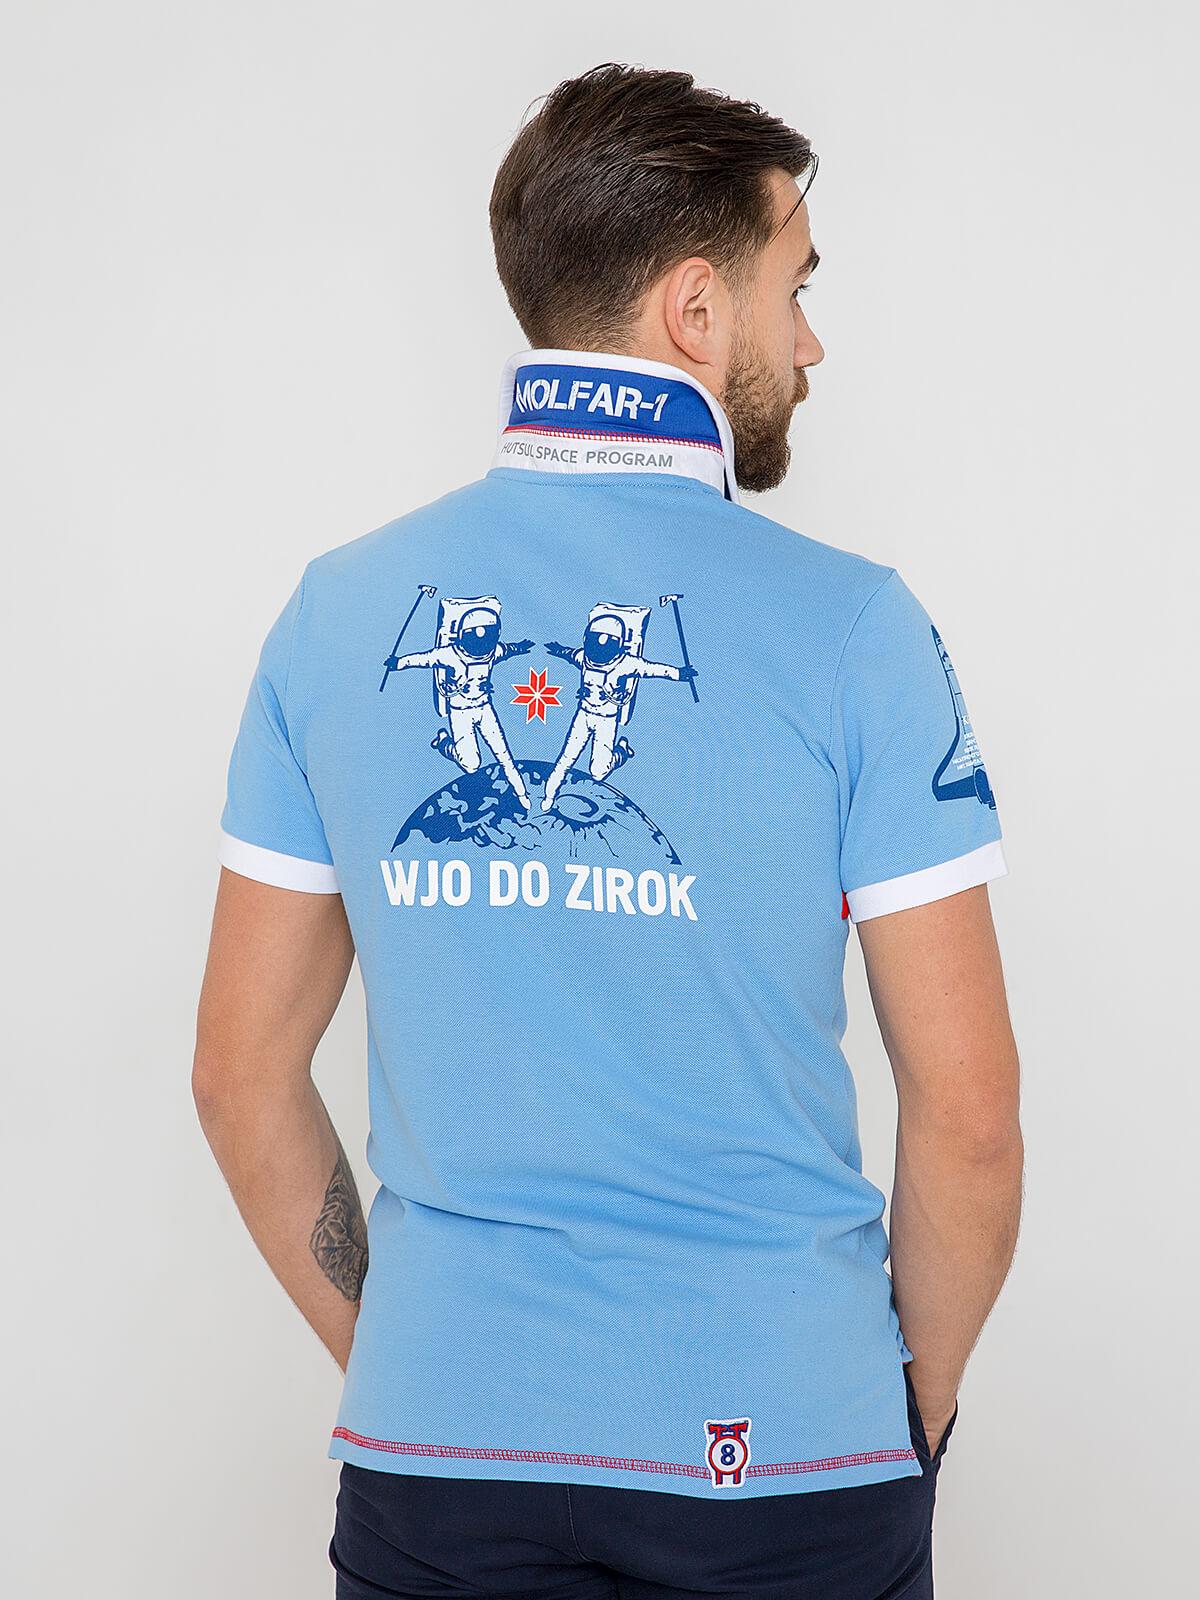 Men's Polo Shirt Molfar. Color sky blue.  Technique of prints applied: embroidery, silkscreen printing.